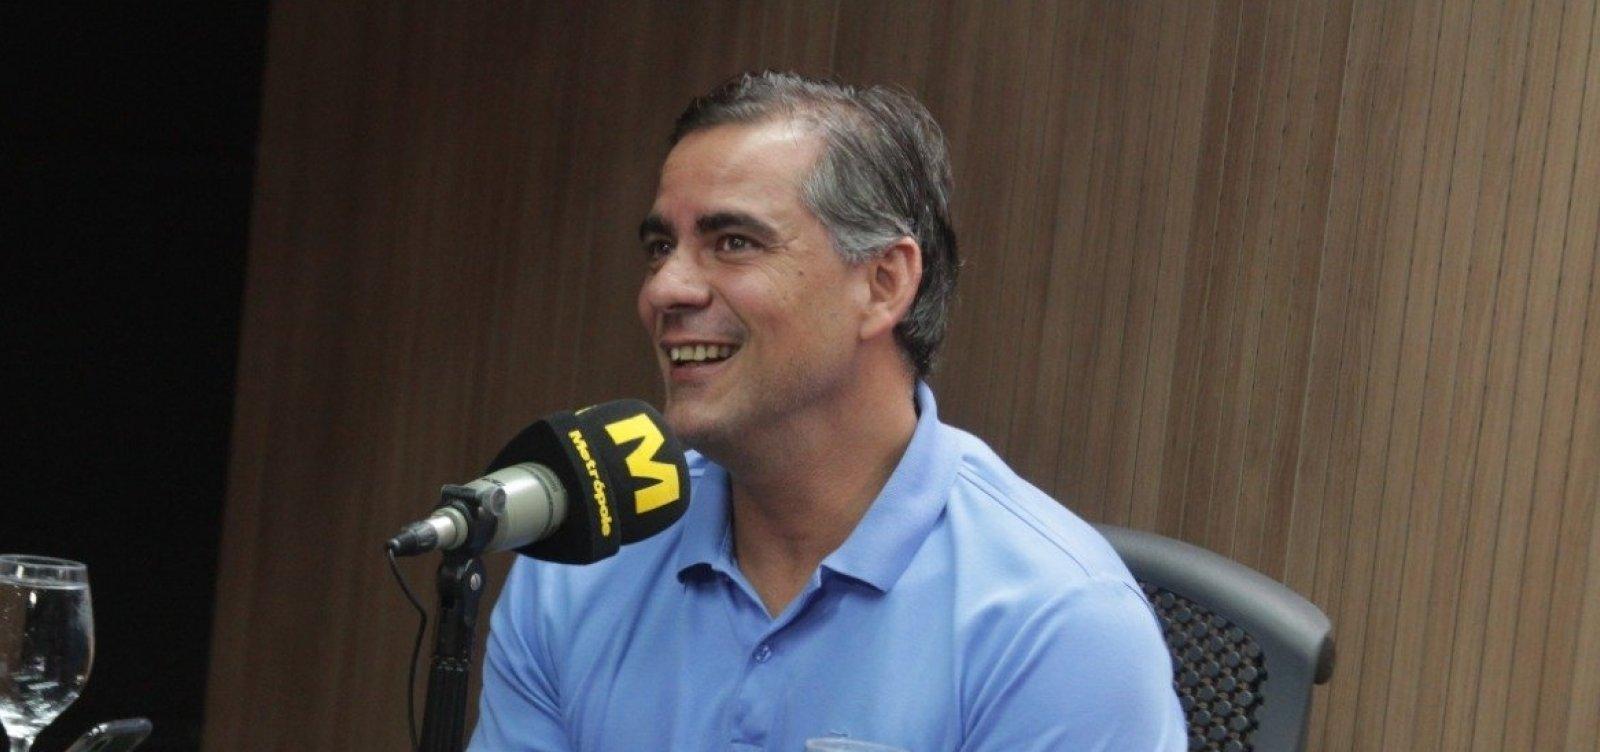 [Presidente do Jequié promete 'incentivo' para jogadores vencerem o Bahia no Baianão]